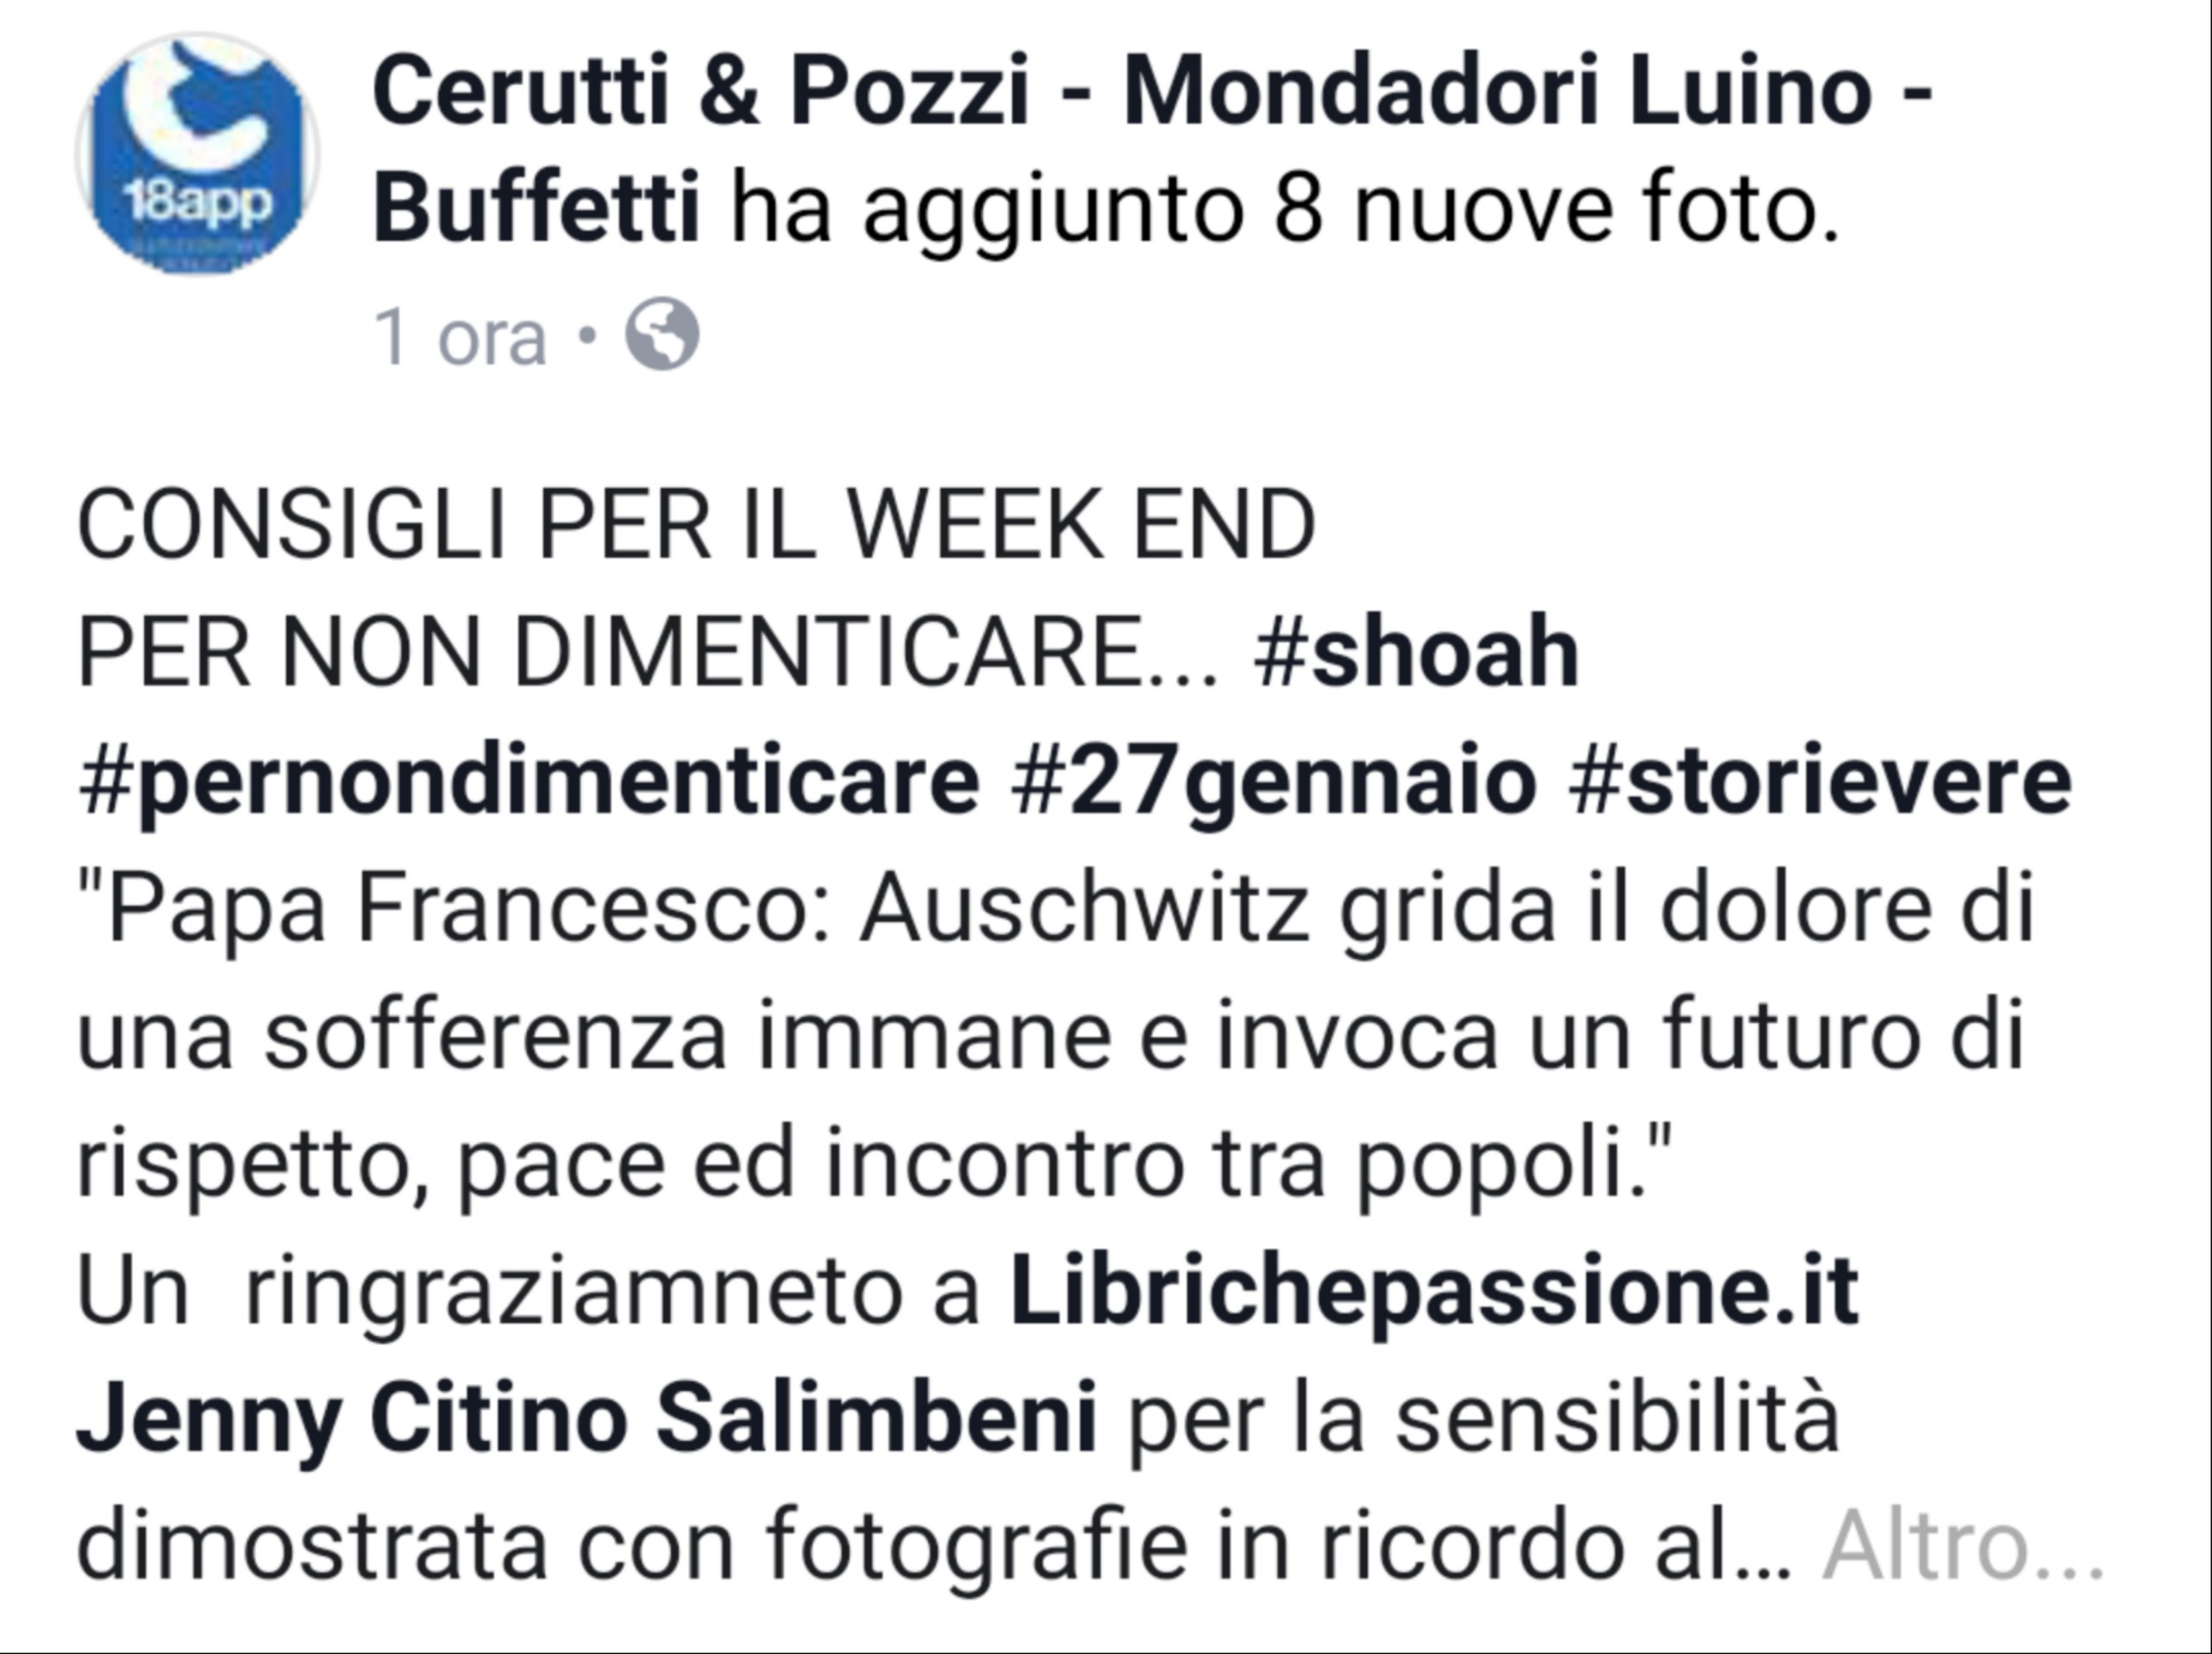 Ringrazio la libreria Cerutti&Pozzi Mondadori Bookstore Luino-Buffetti